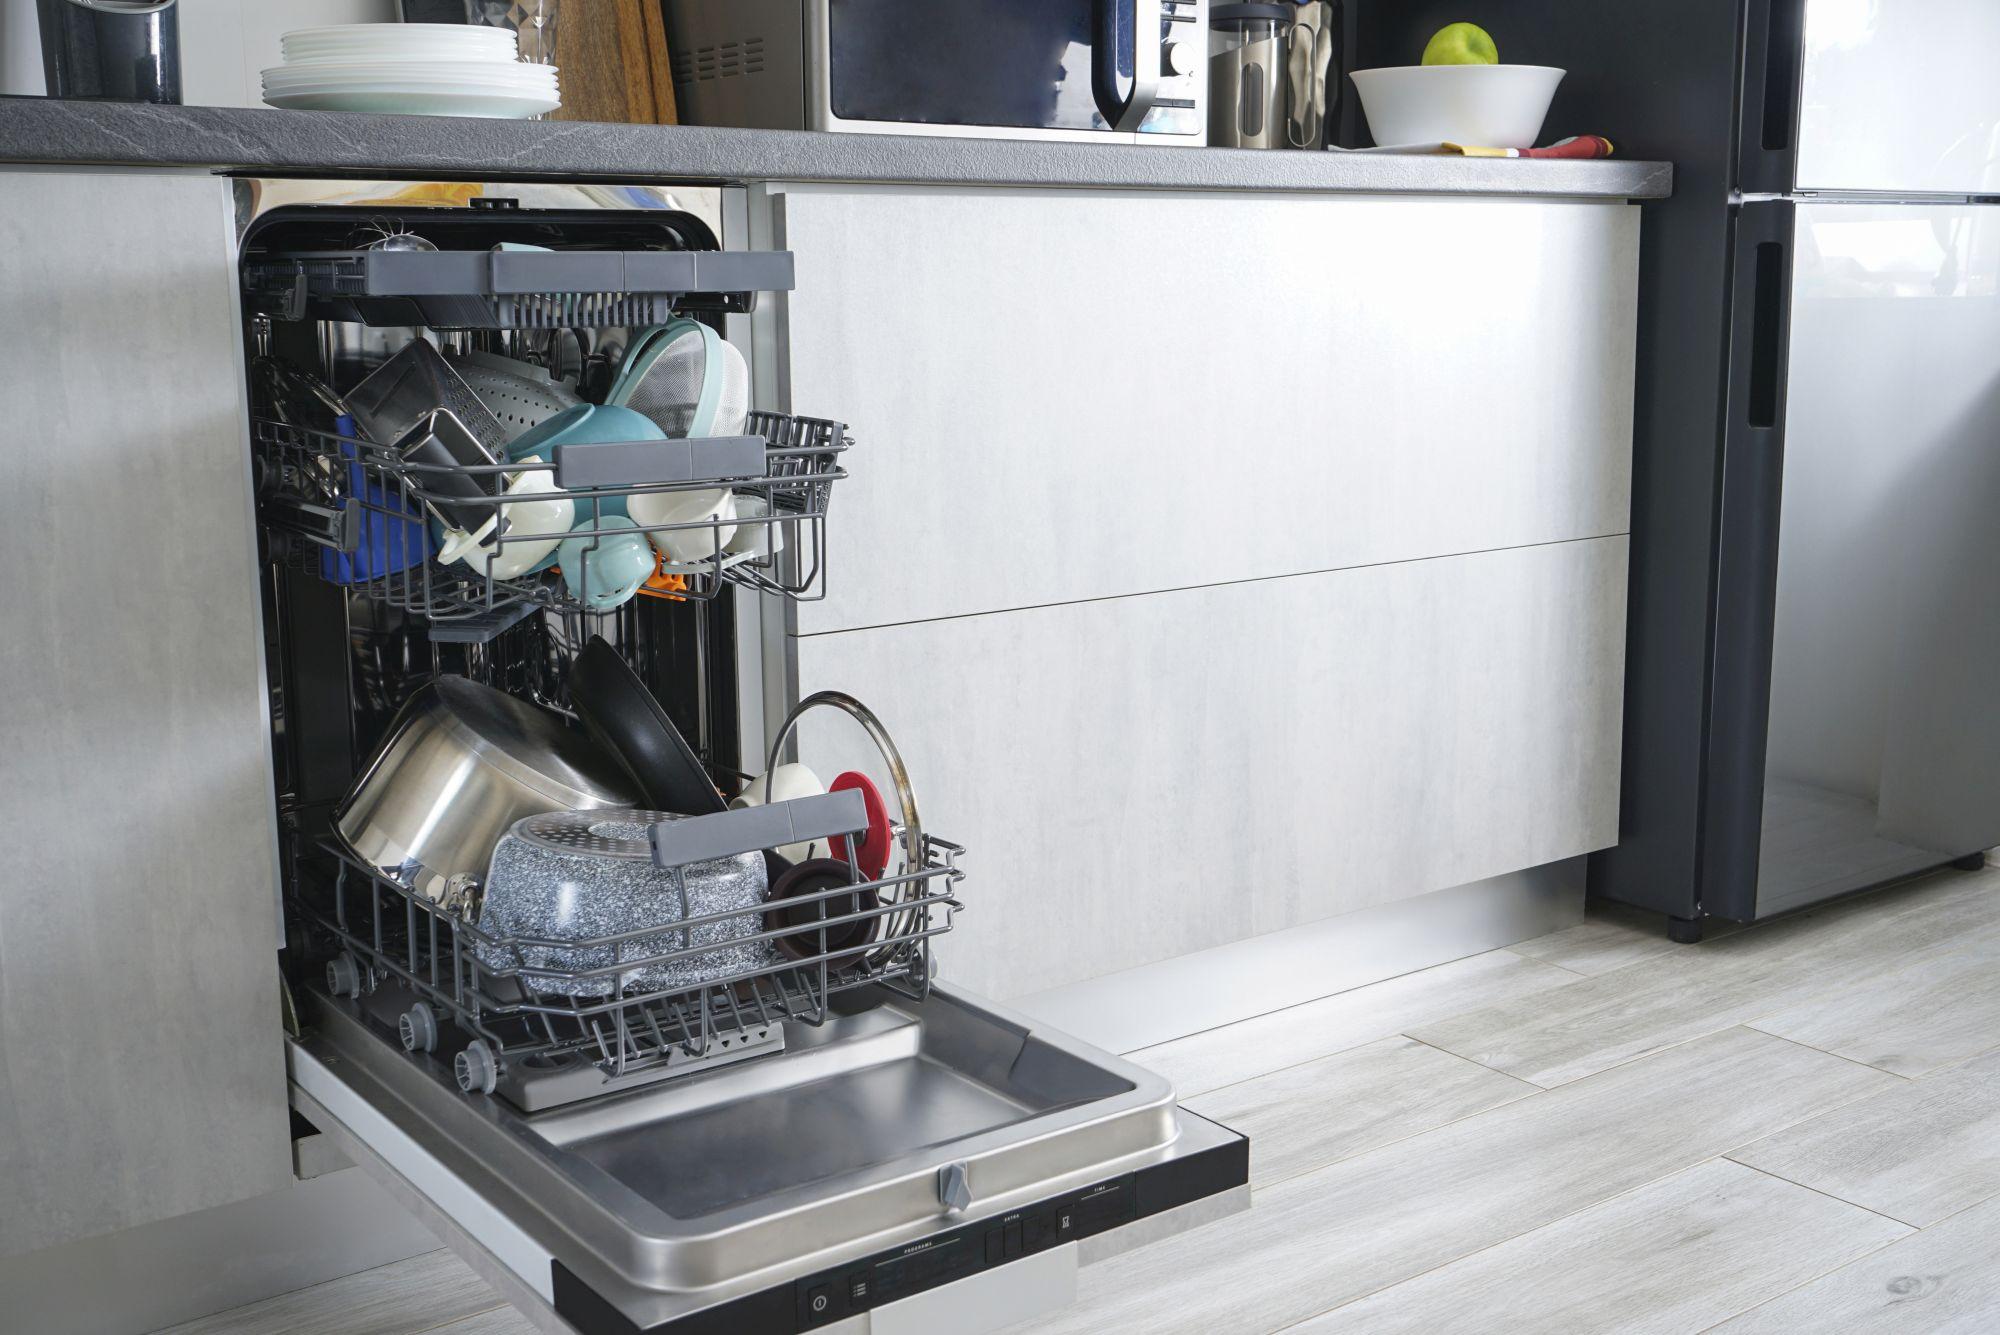 Beépített mosogatógép edényekkel